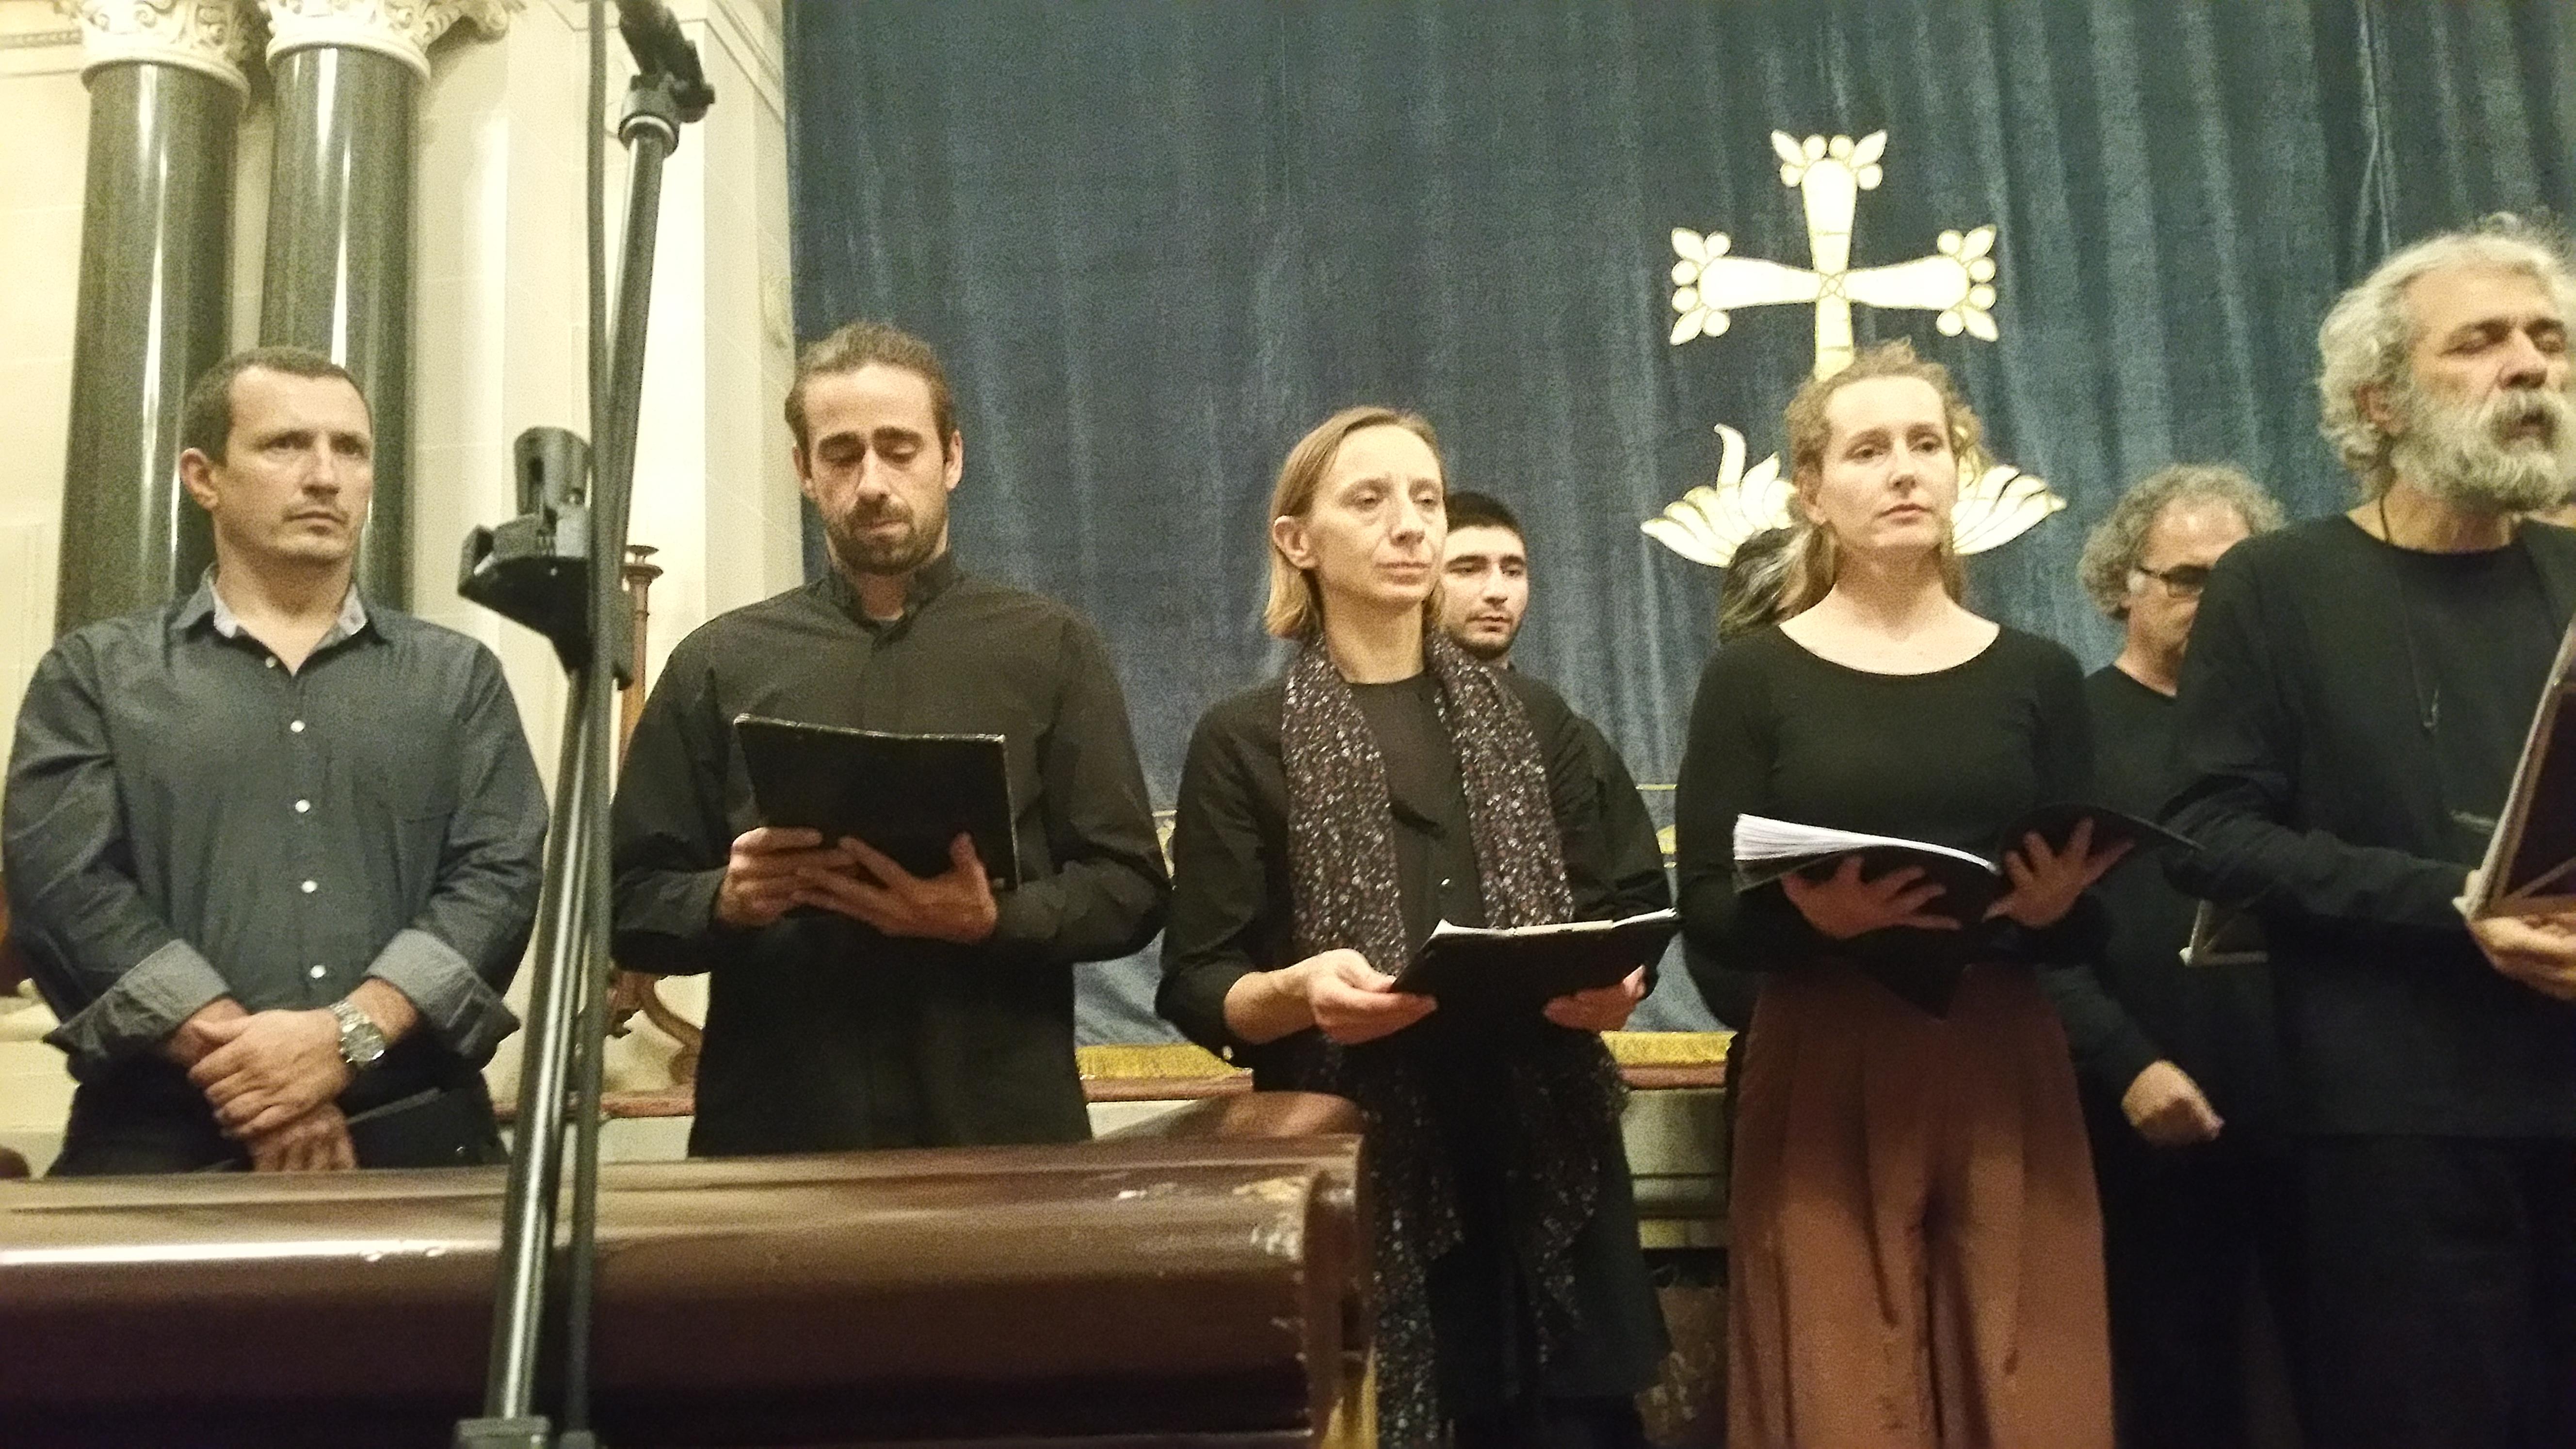 Teatr Zar photo 2